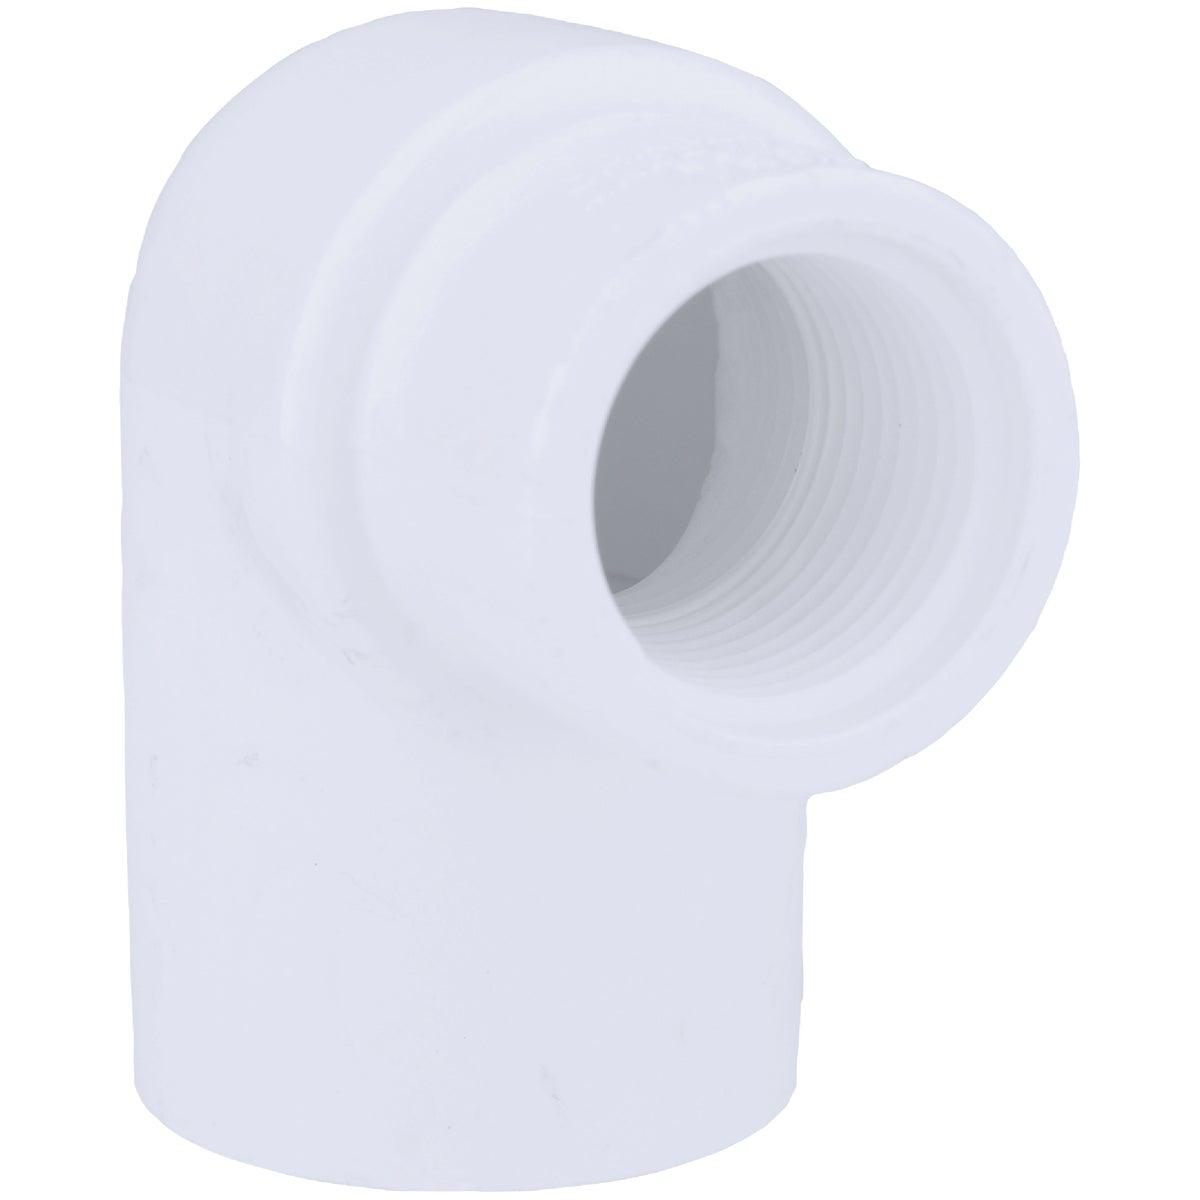 1X3/4 PVC SXFIP ELBOW